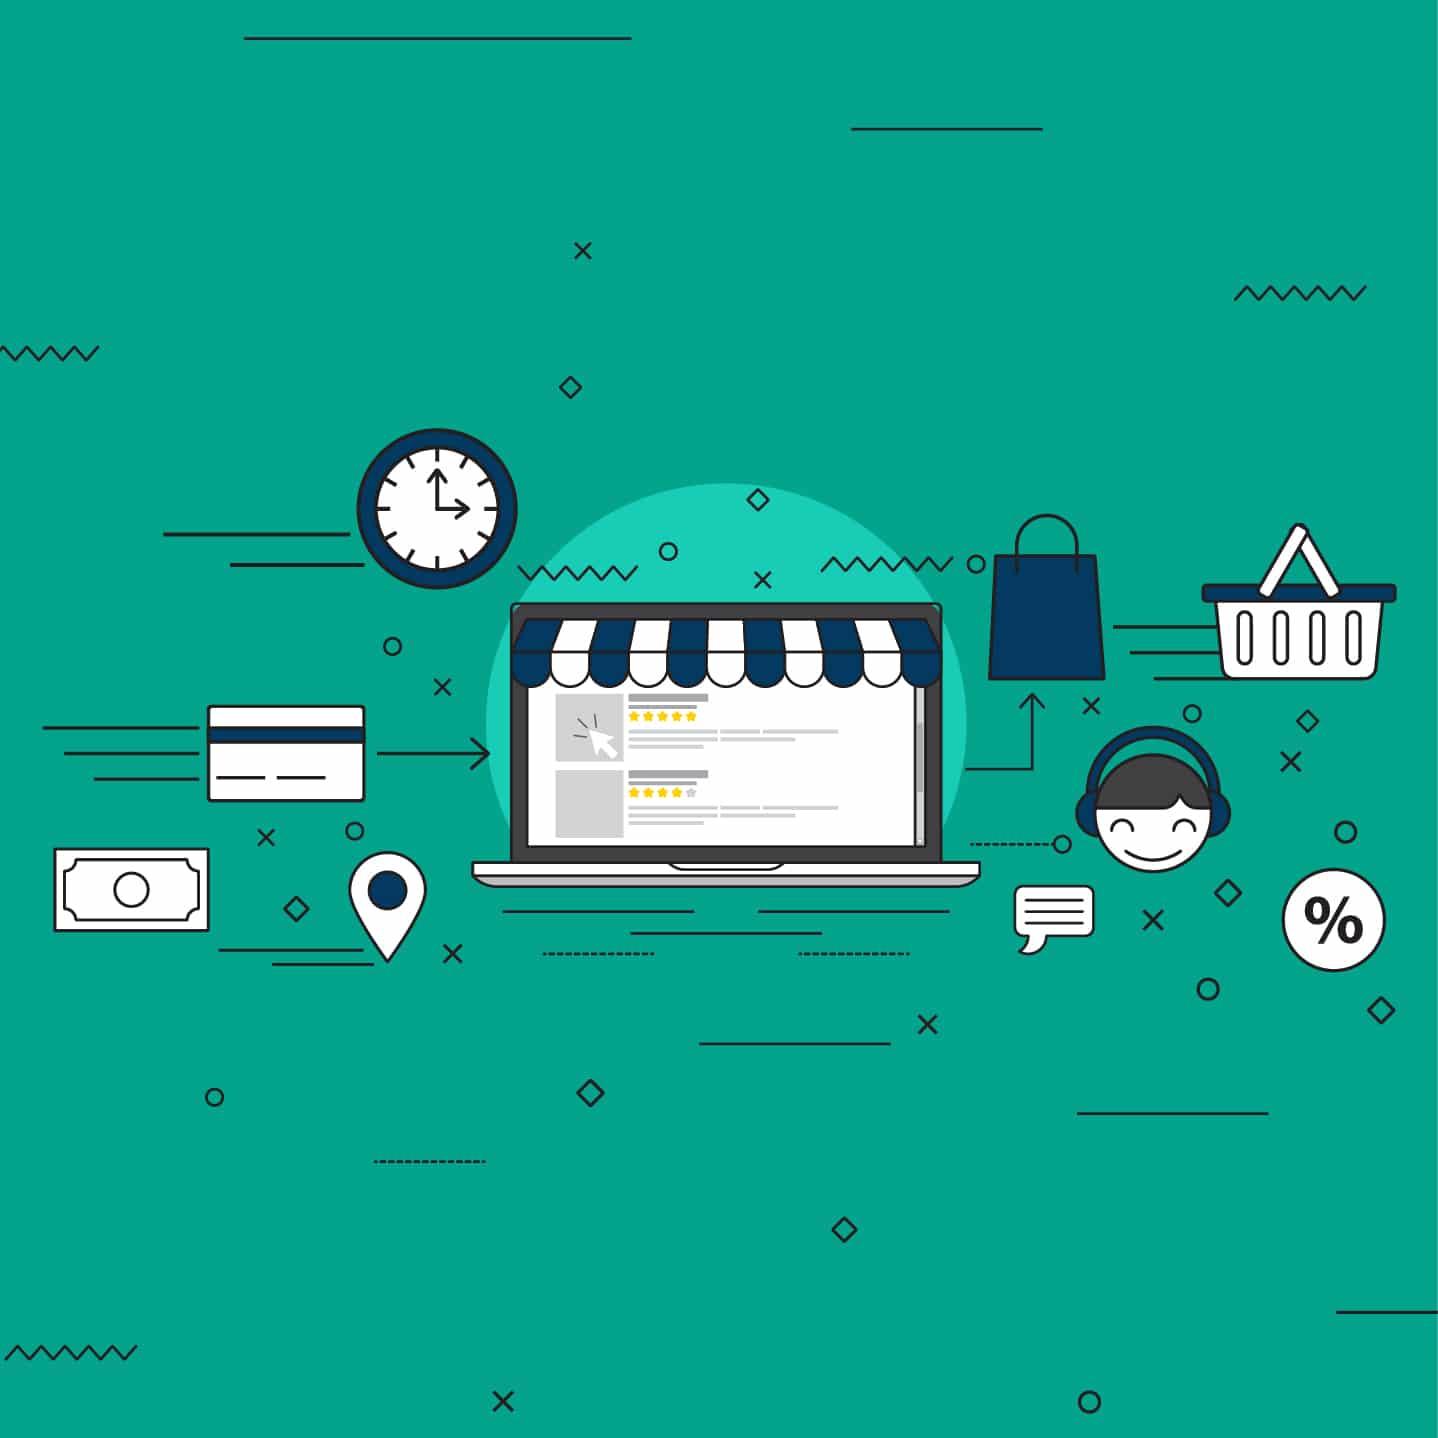 تقرير هام عن التجارة الالكترونية في الوطن العربي